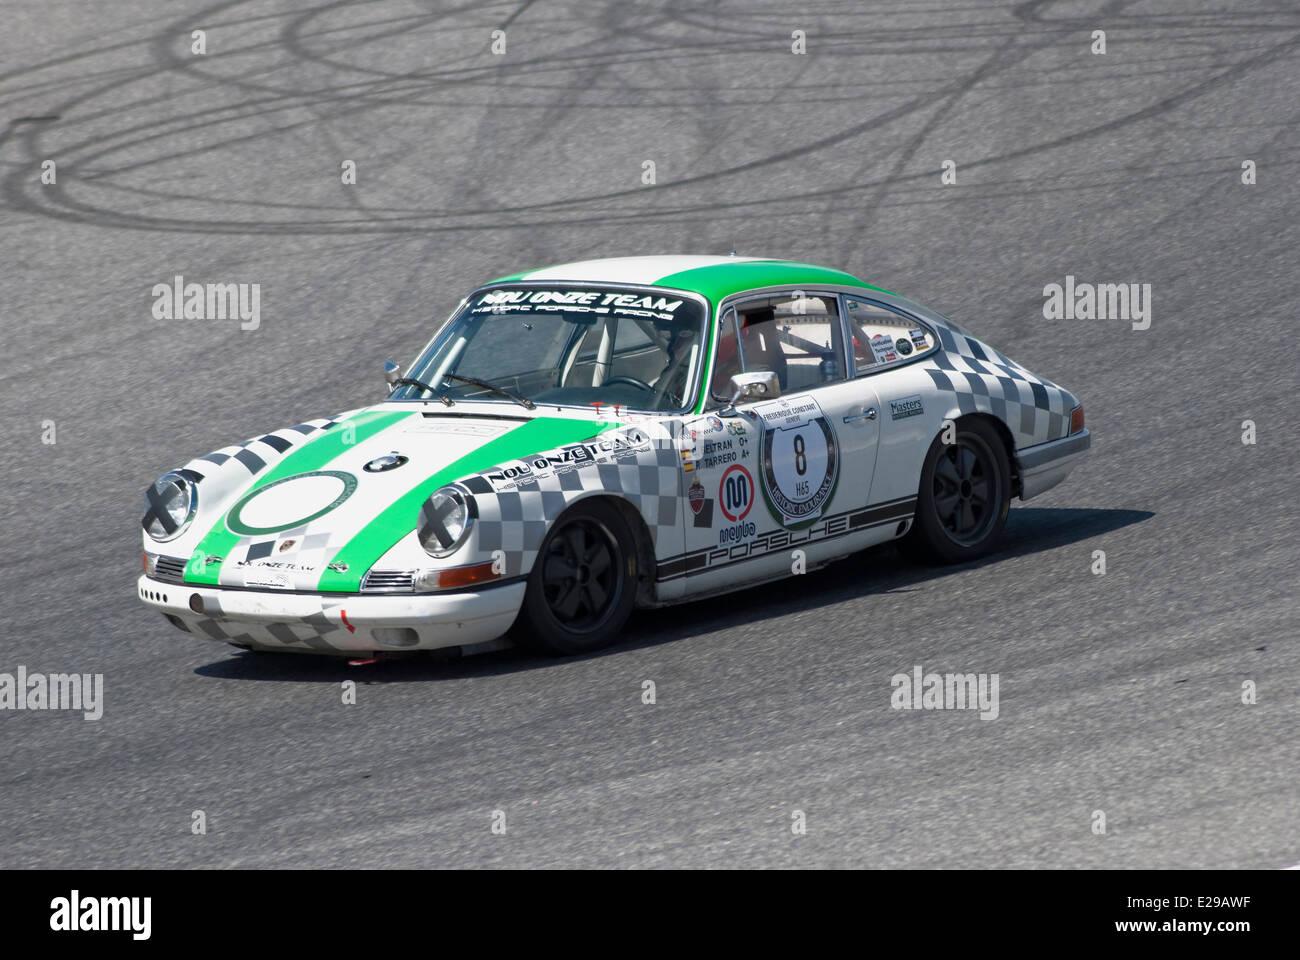 Vintage Porsche Race Cars Stock Photos & Vintage Porsche Race Cars ...